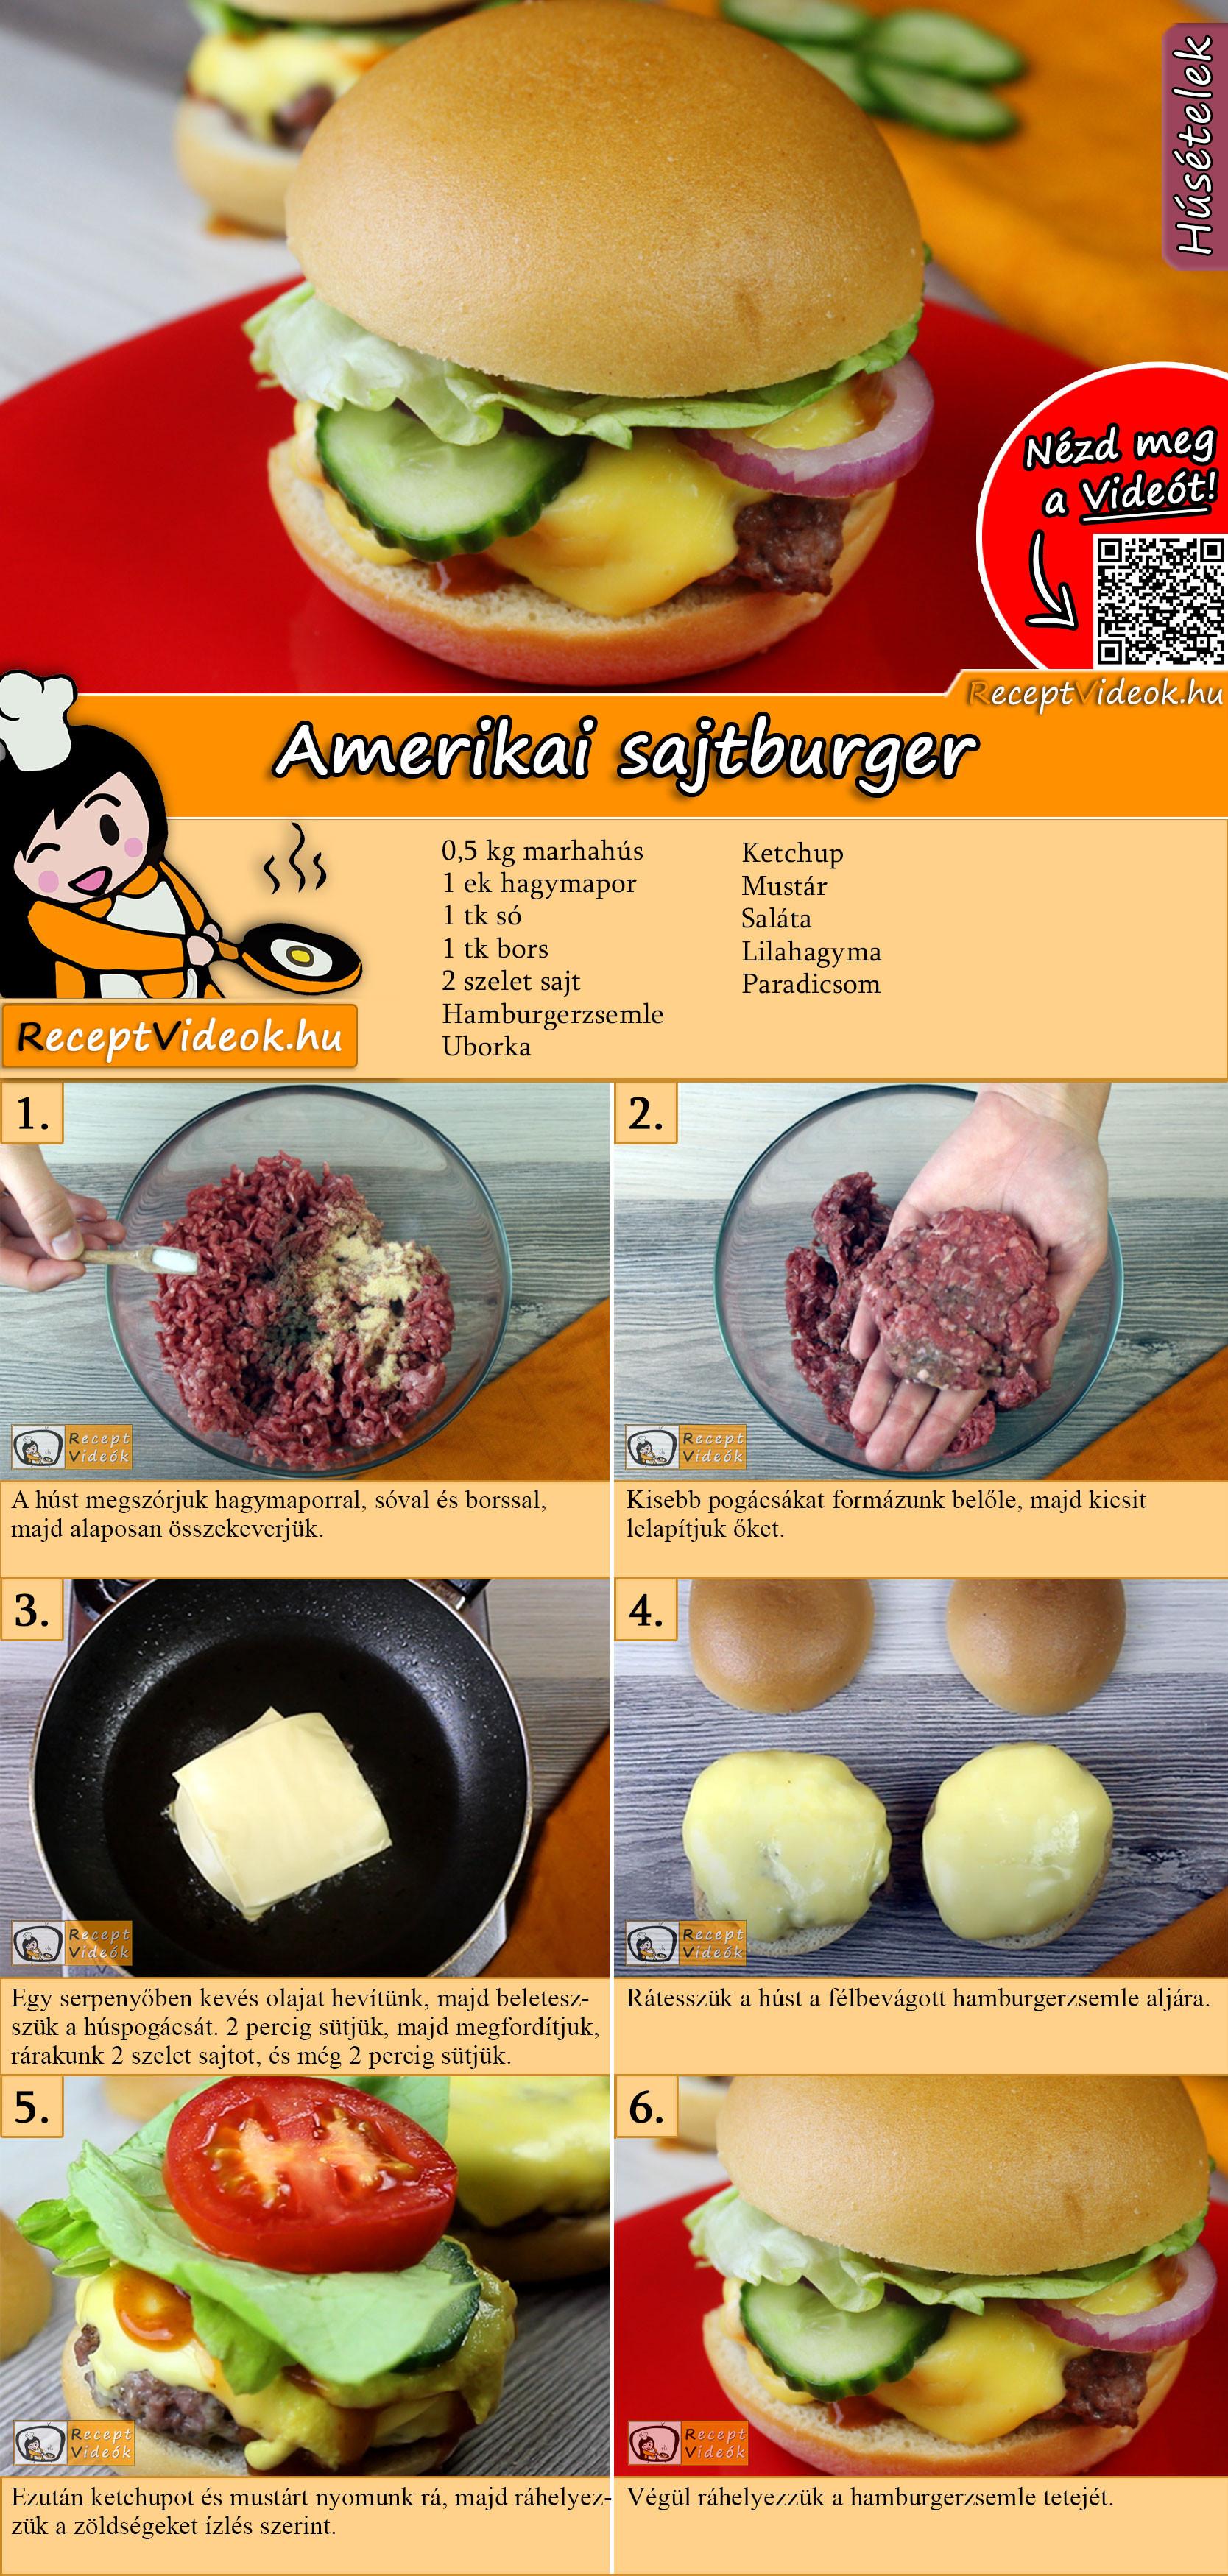 Amerikai sajtburger recept elkészítése videóval